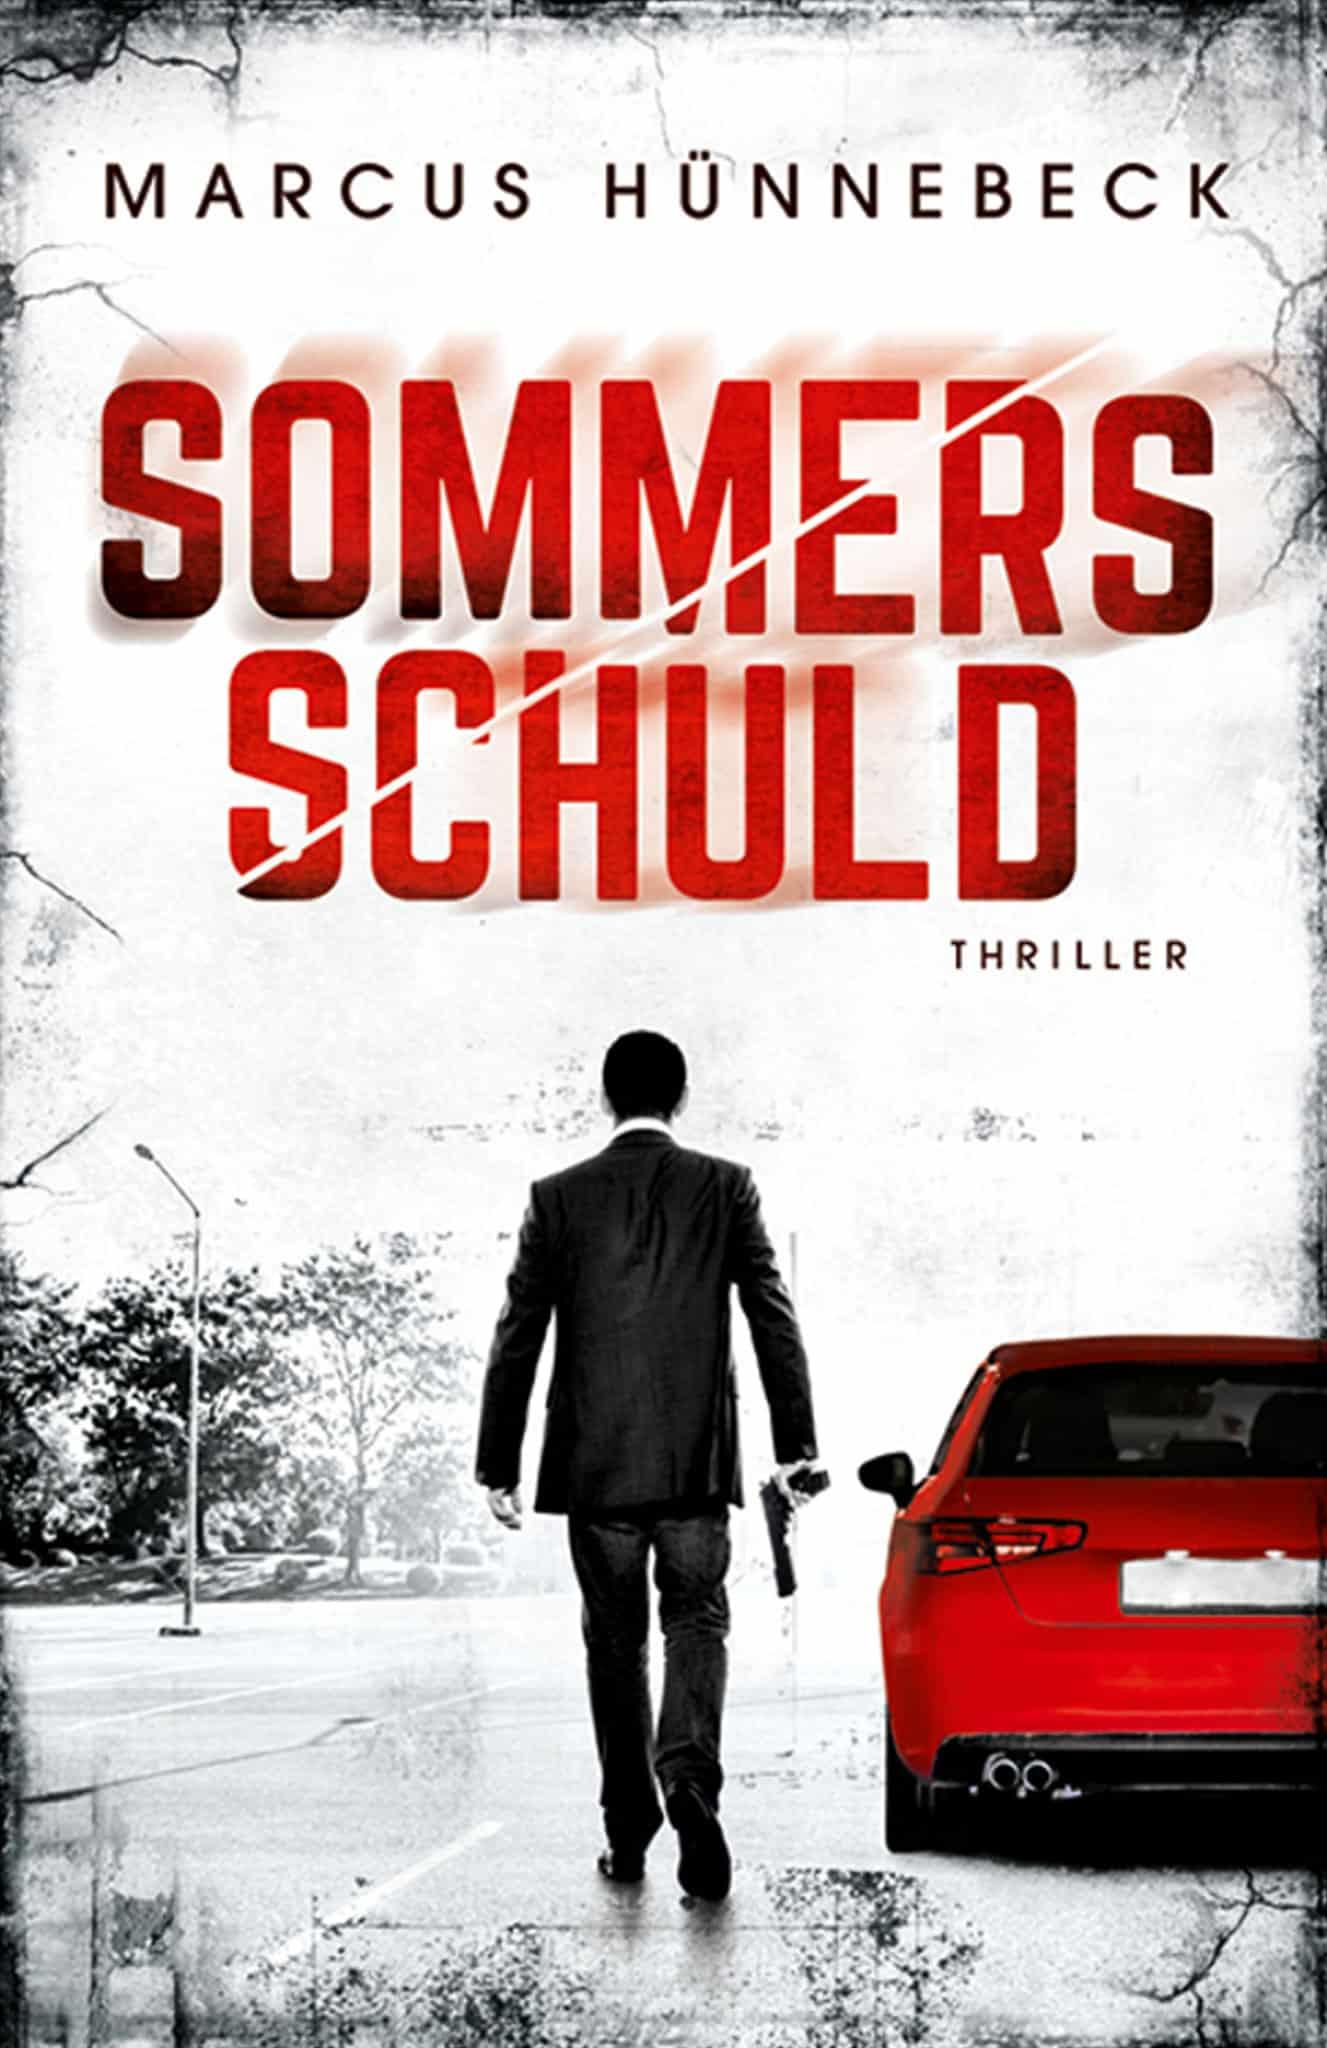 Sommers Schuld - Marcus Hünnebeck - Thriller